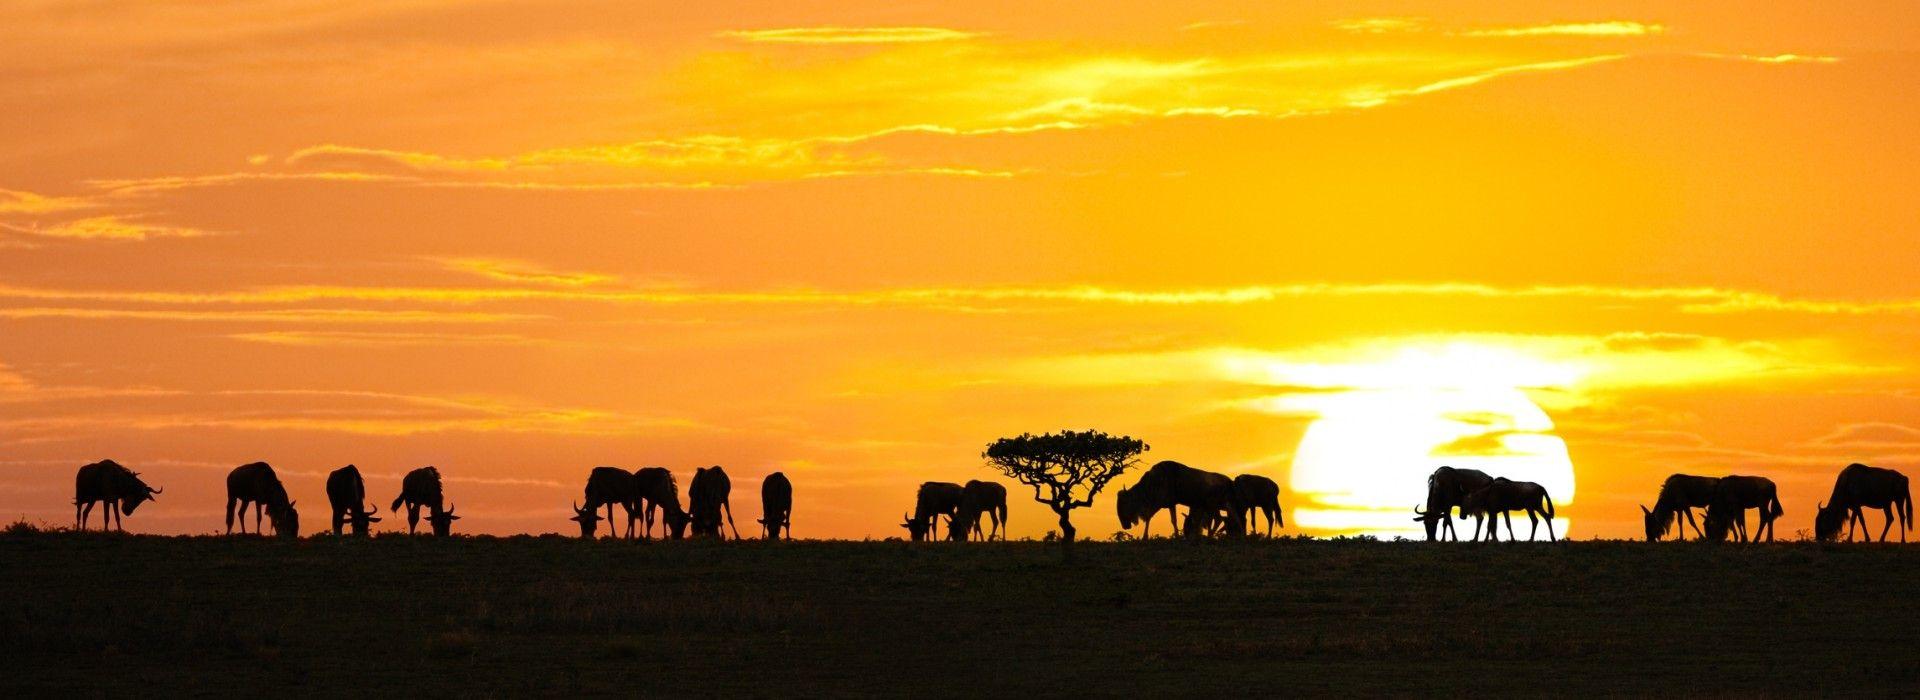 Tanzania Safari Parks Tours